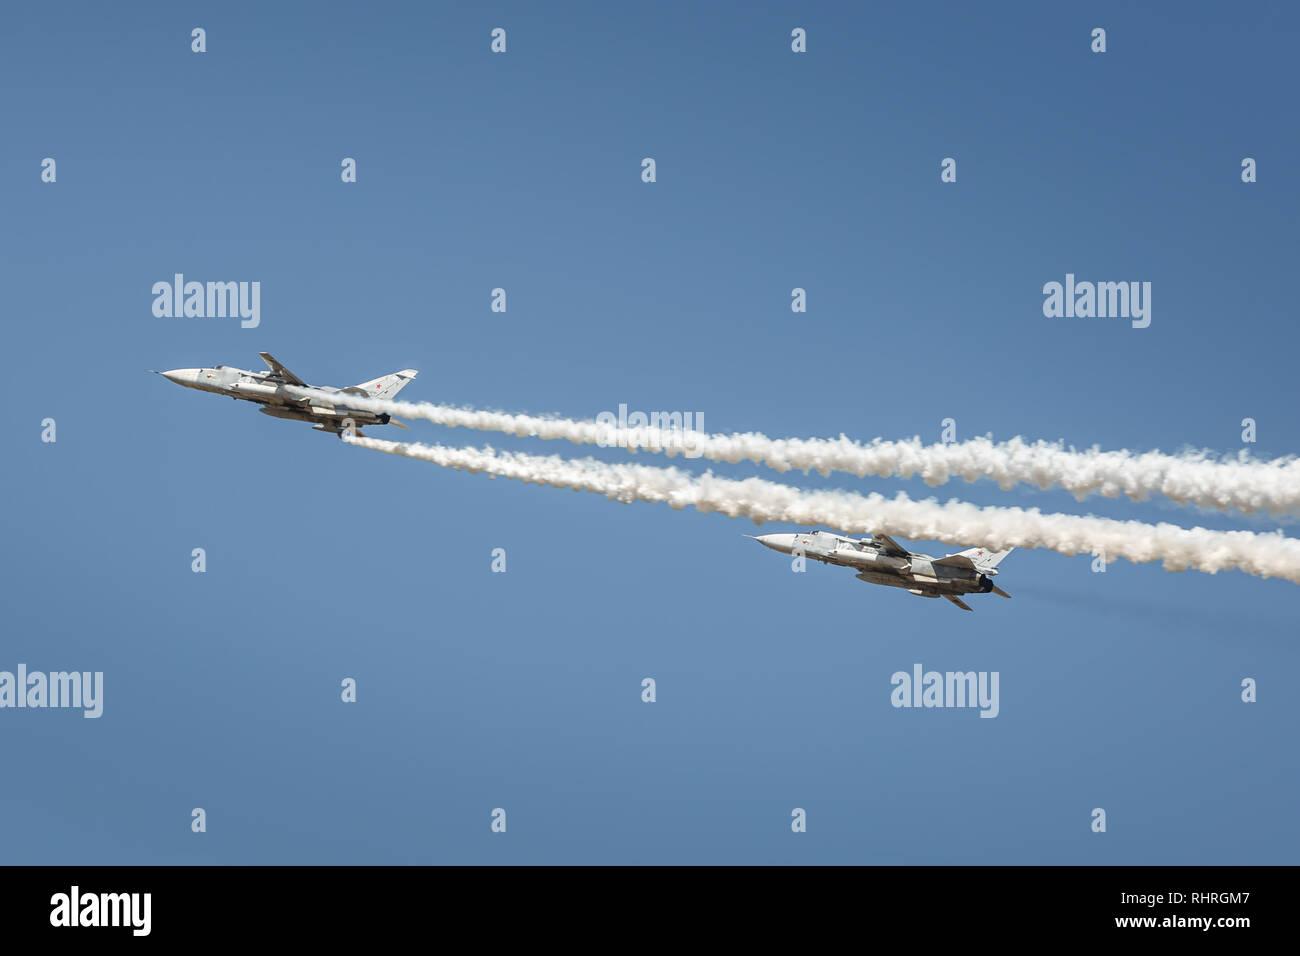 Multirole Stock Photos & Multirole Stock Images - Alamy